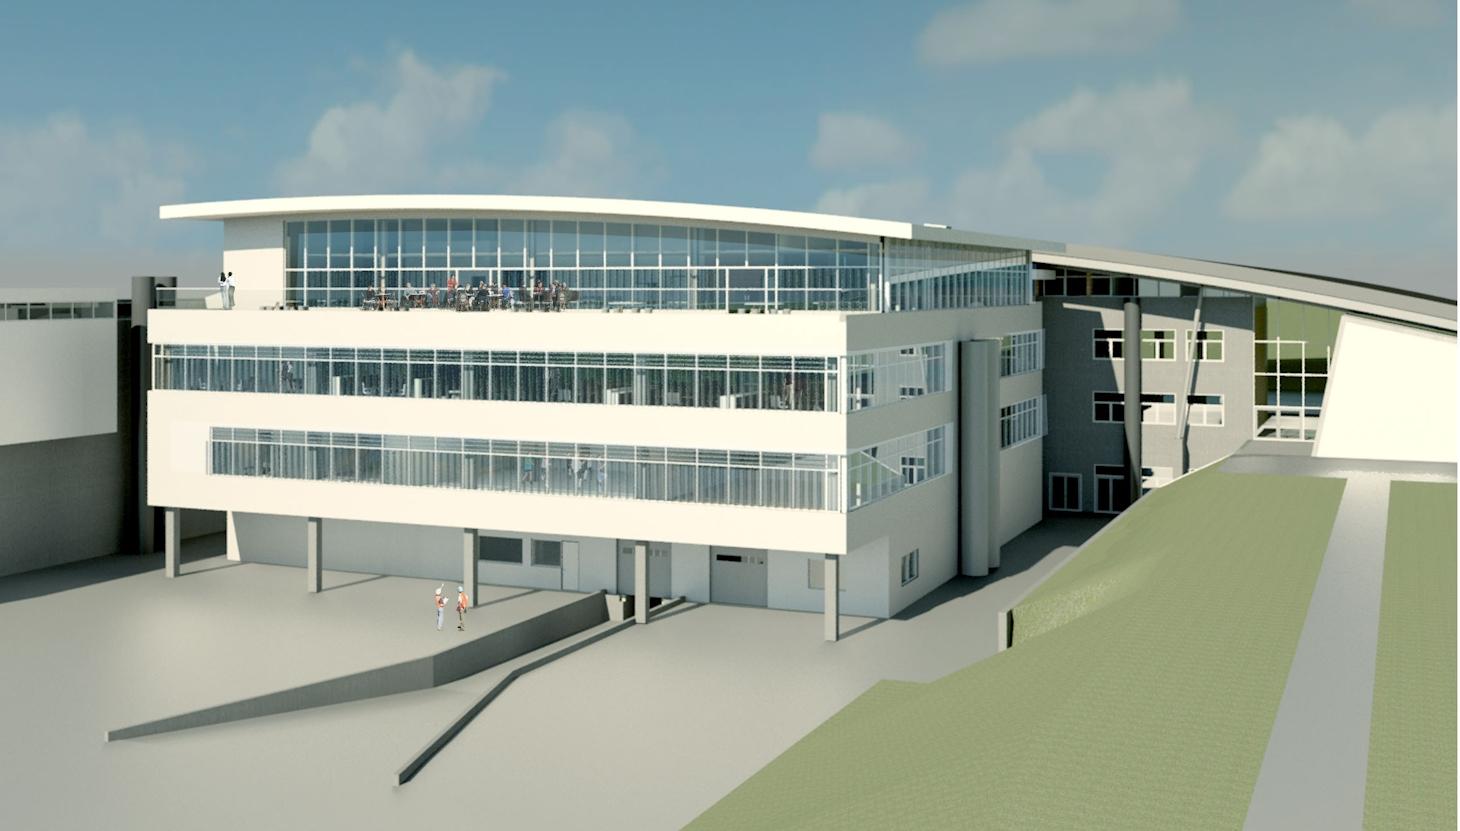 FRIIS & MOLTKE prækvalificeret til etablering af et nyt multihus i Billund Lufthavn